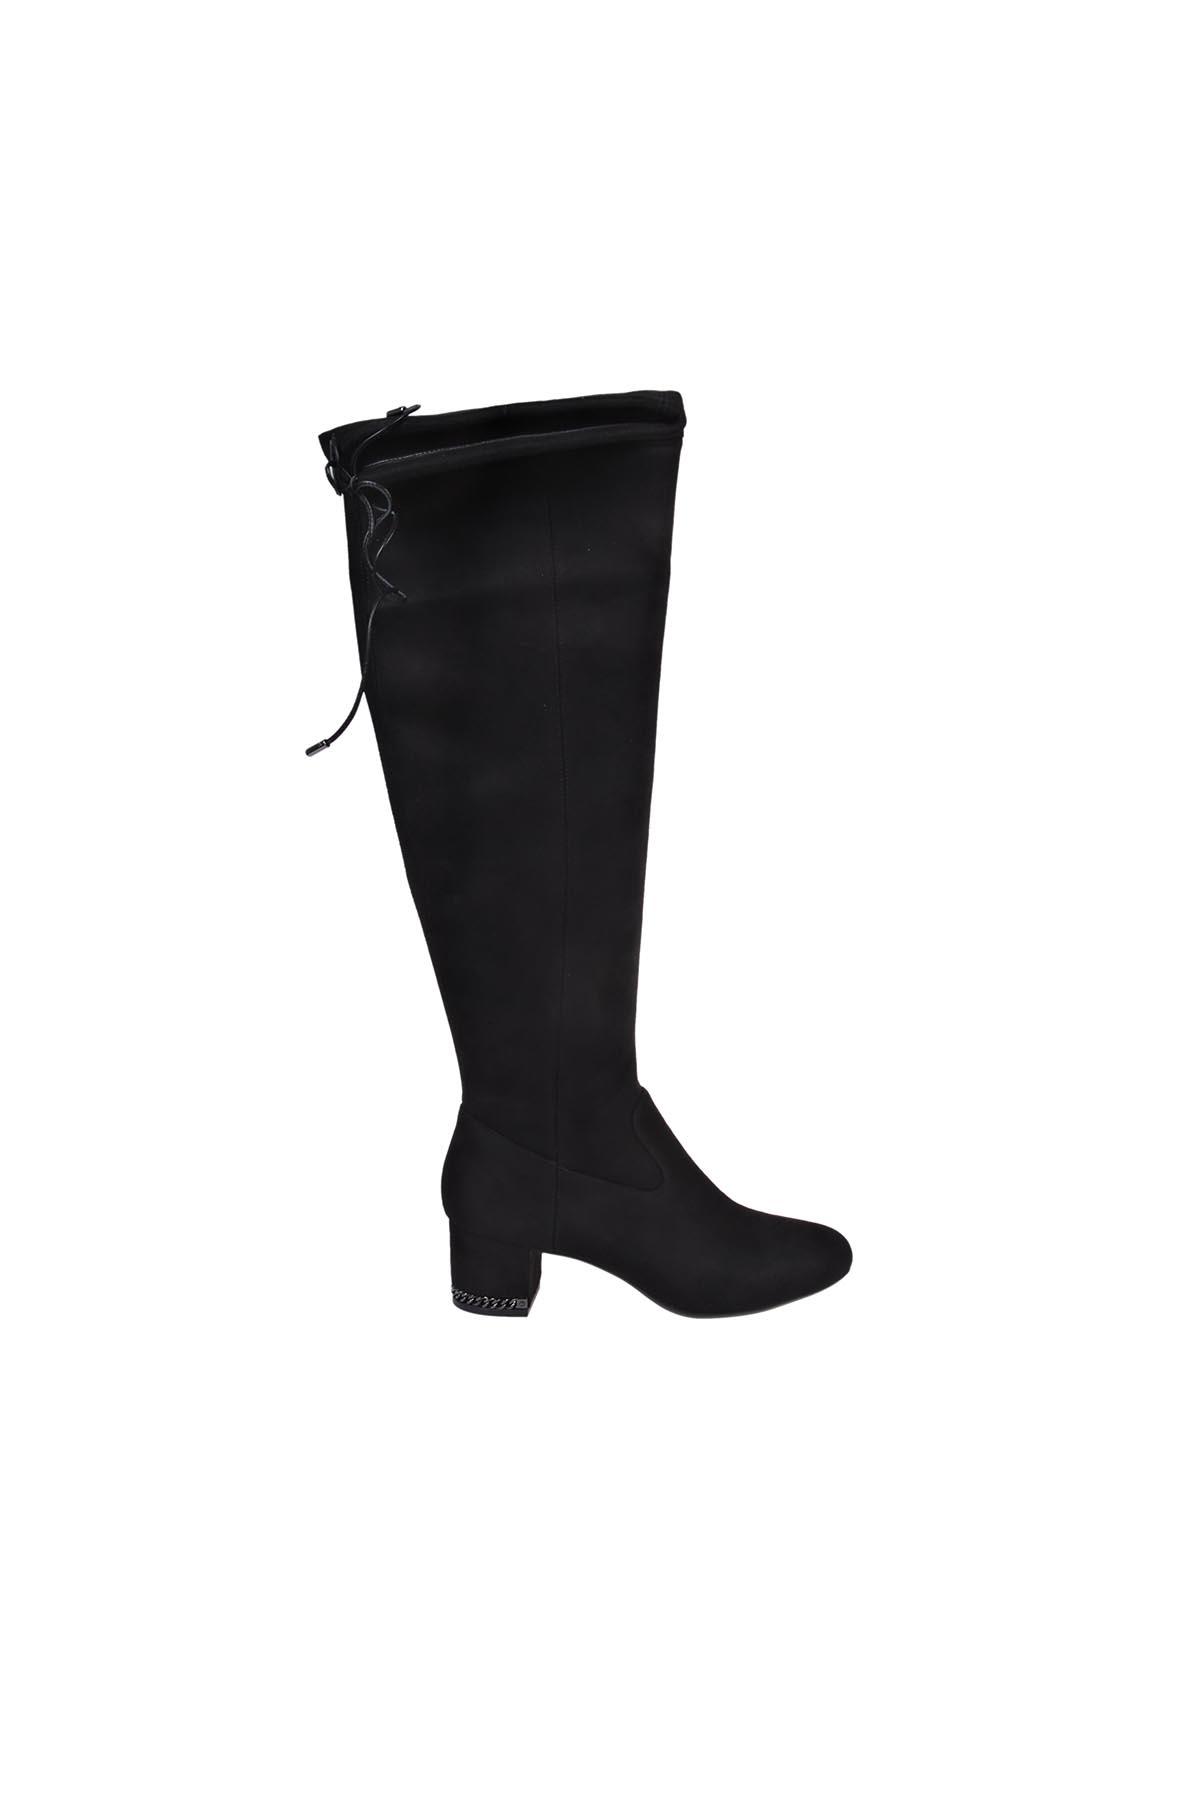 Michael Kors Jamie Mid Boot